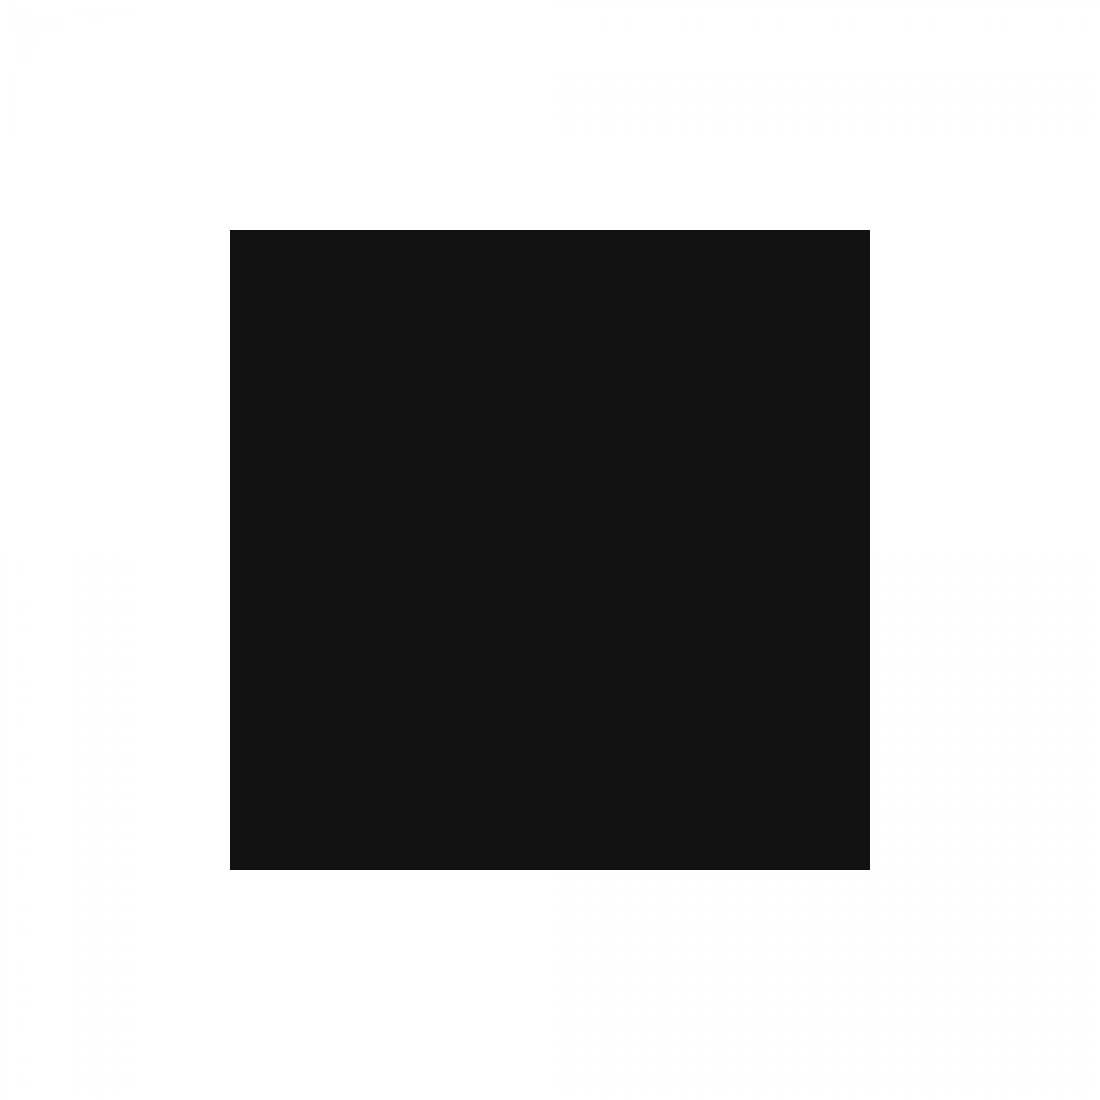 Super Black 60x60 Black Polished 1